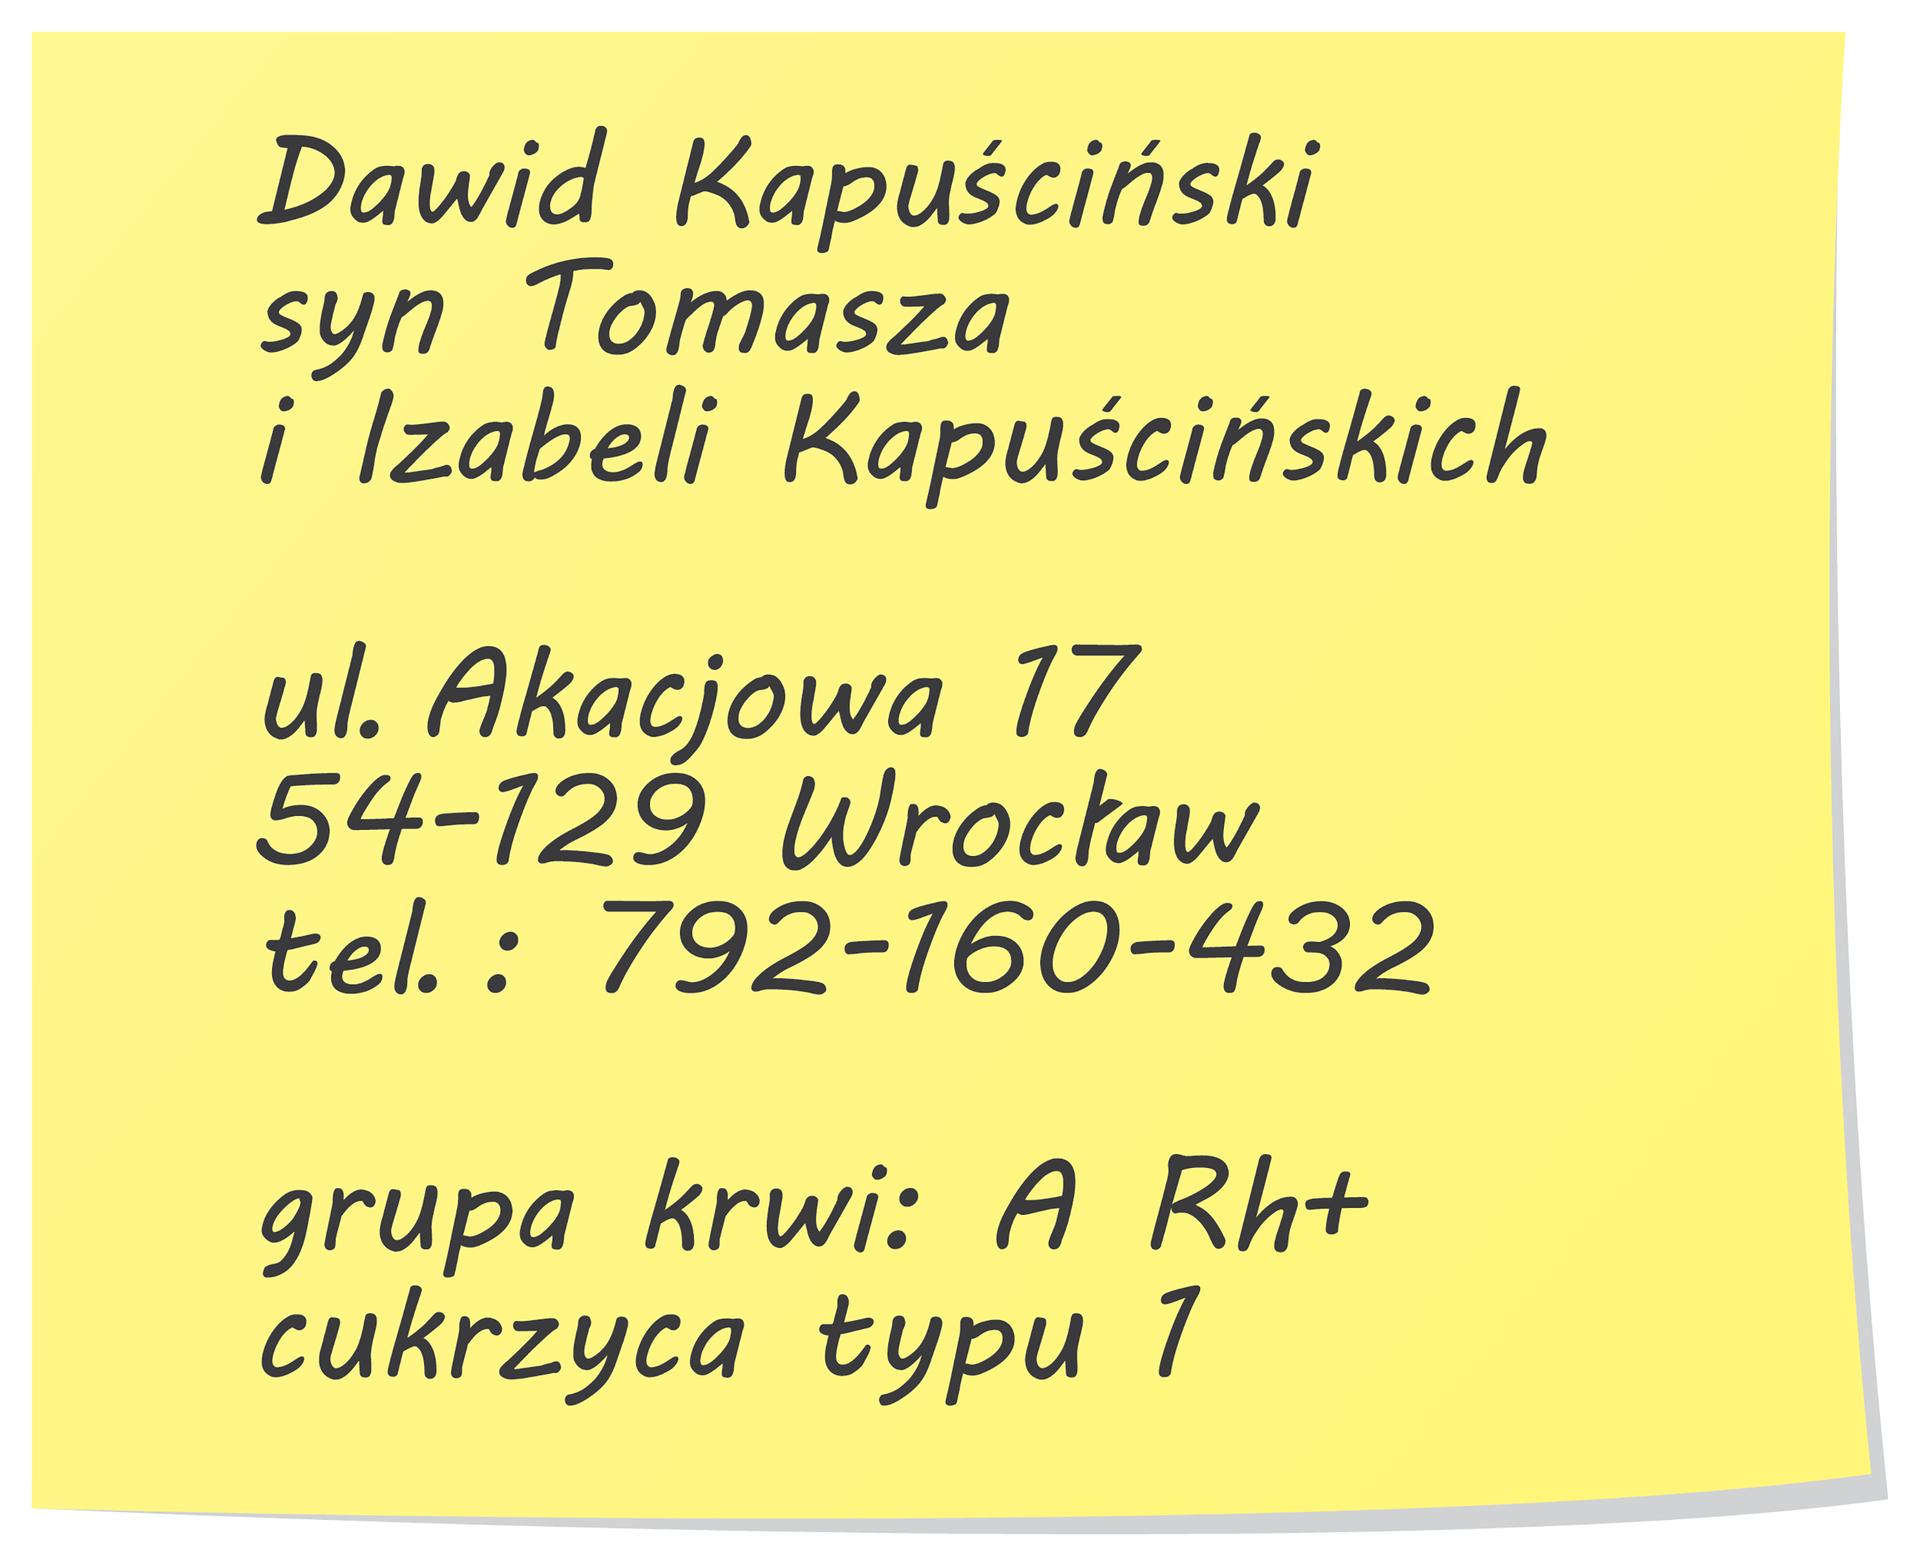 Ilustracja przedstawia żółtą karteczkę samoprzylepną. Na kartce informacja wczarnym kolorze. Od góry: Dawid Kapuściński, poniżej syn Tomasza iIzabeli Kapuścińskich, ul. Akacjowa 17, 54-129 Wrocław, tel.: 792-160-432, grupa krwi: ARh+, cukrzyca typu 1